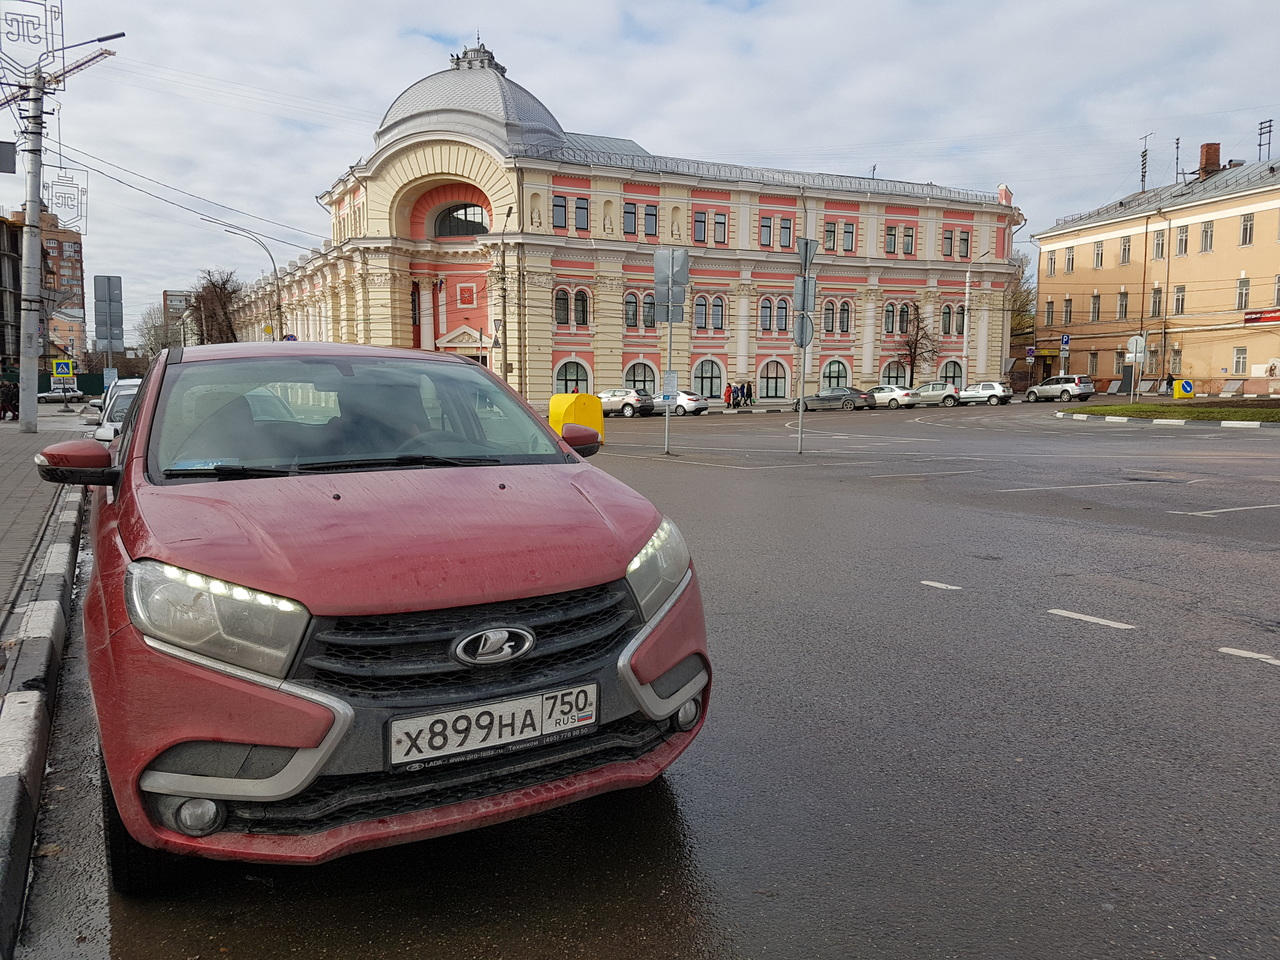 Дневник Lada Xray: на край света ради зимних шин